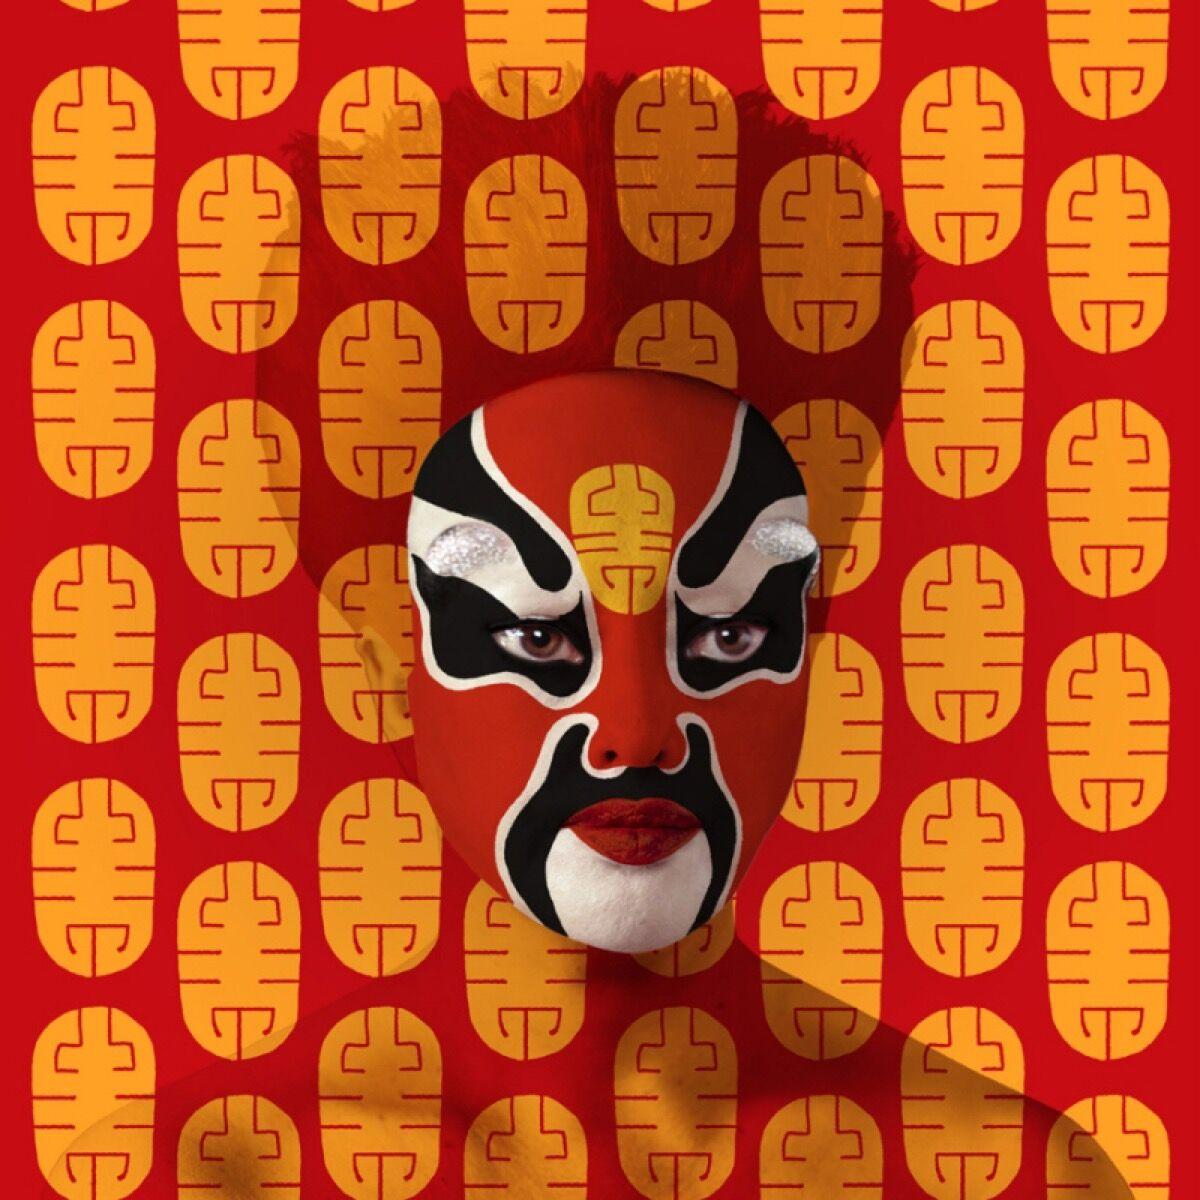 ORLAN, Peking Opera Facial Designs No. 1. Courtesy of La Plaque Tournante.